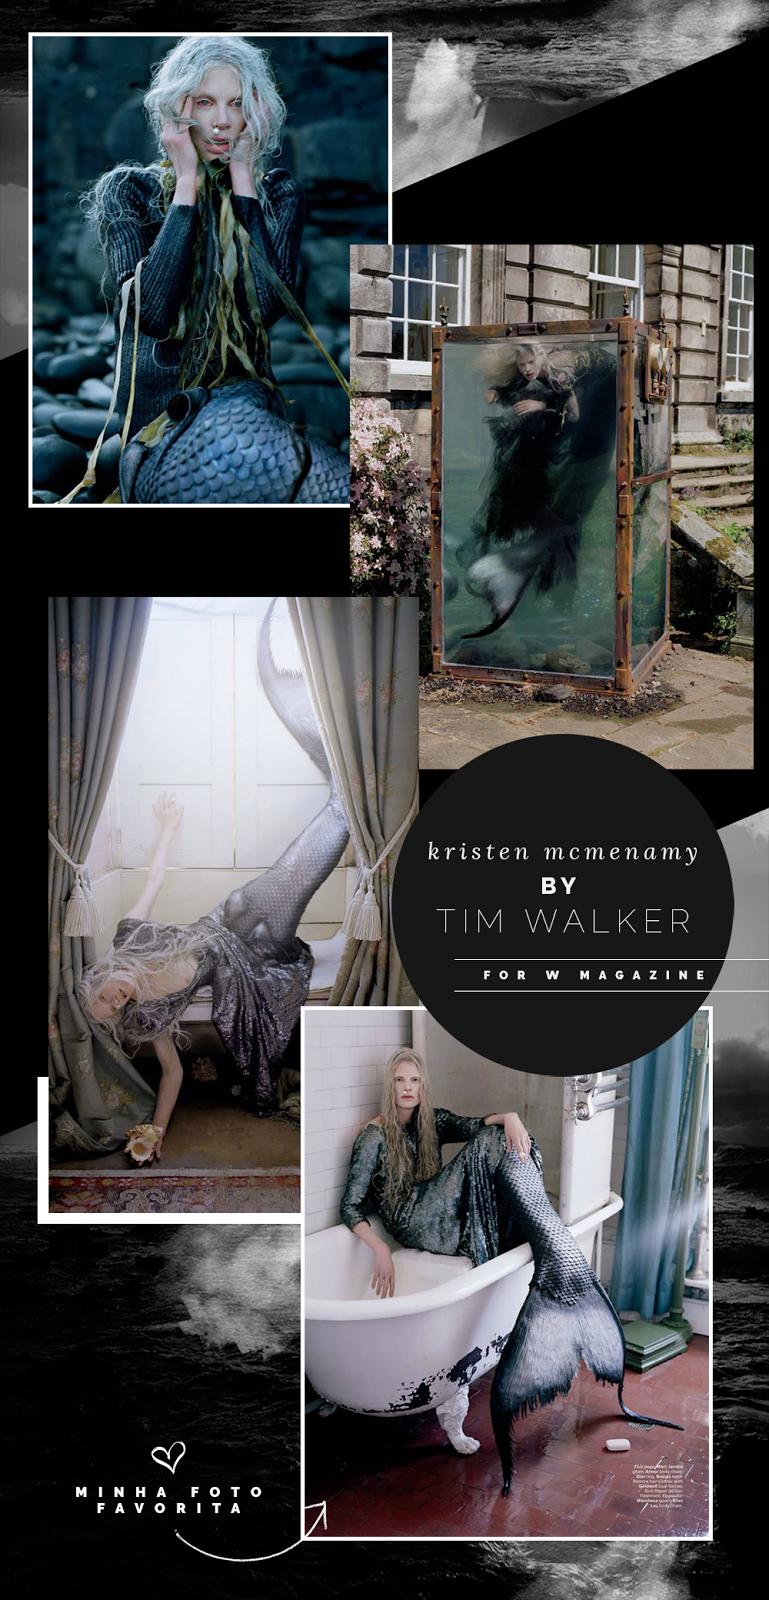 Kristen McMenamy by Tim Walker for W Magazine | 187 tons de frio